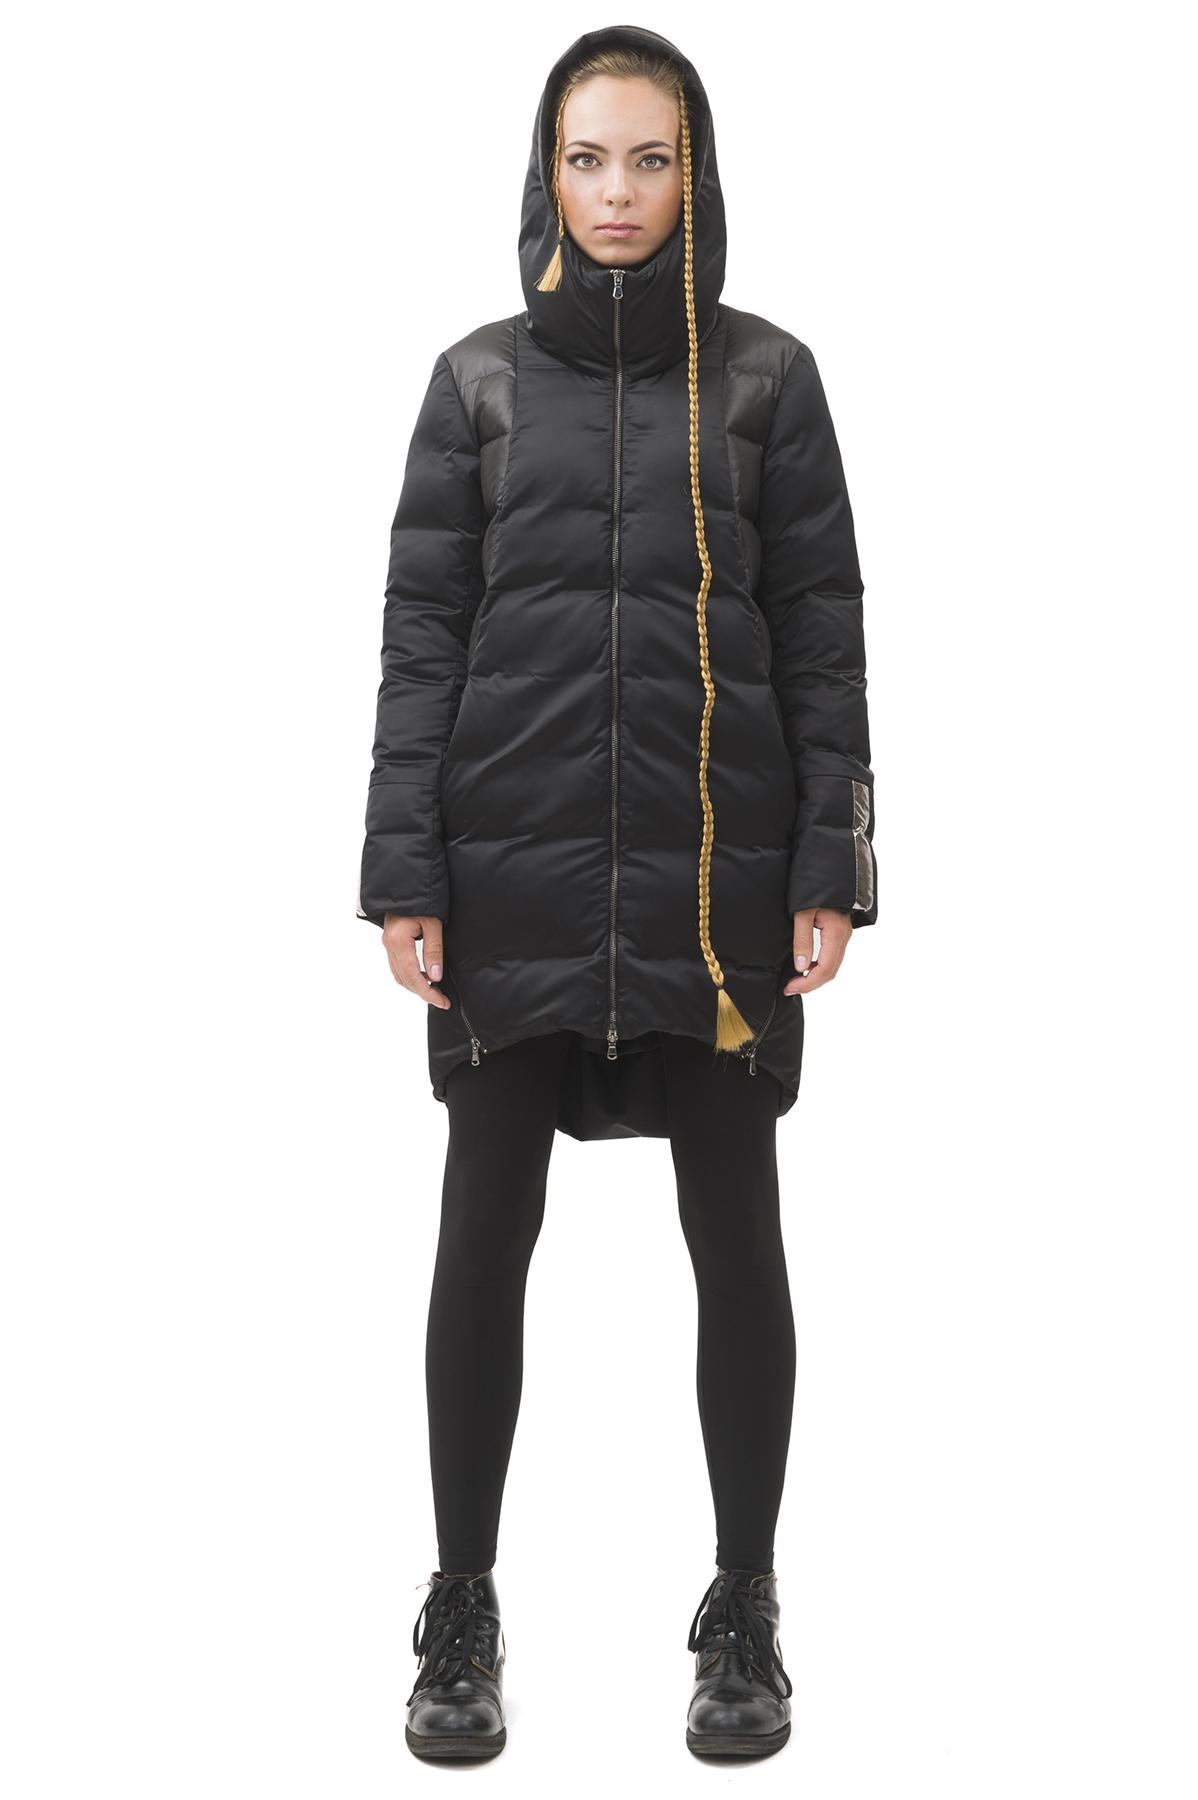 Пальто пуховоеЗимние куртки, пальто, пуховики<br>Пуховик  Pavel Yerokin выполнен из материалов различной фактуры. Особенности: свободный крой, молнии в качестве элементов отделки, капюшон с высокой стойкой, закругленный асимметричный низ.<br><br>Цвет: черный<br>Состав: Материал 1 - Полиэстер - 100%  Материал 2 - Полиэстер - 100% утеплитель: Гусиный пух - 90%, Перо - 10%<br>Размер: 40,42,44,46,48,50,52<br>Страна дизайна: Россия<br>Страна производства: Россия